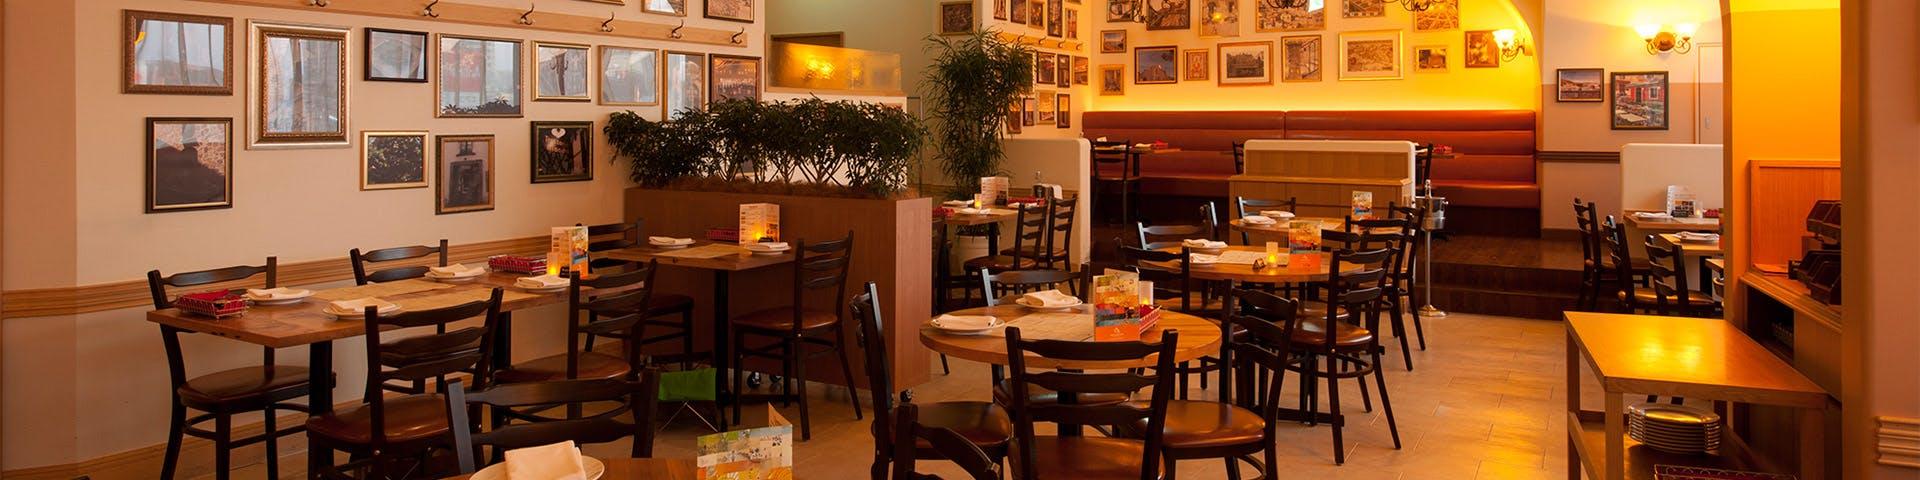 グランフロント大阪 レストラン